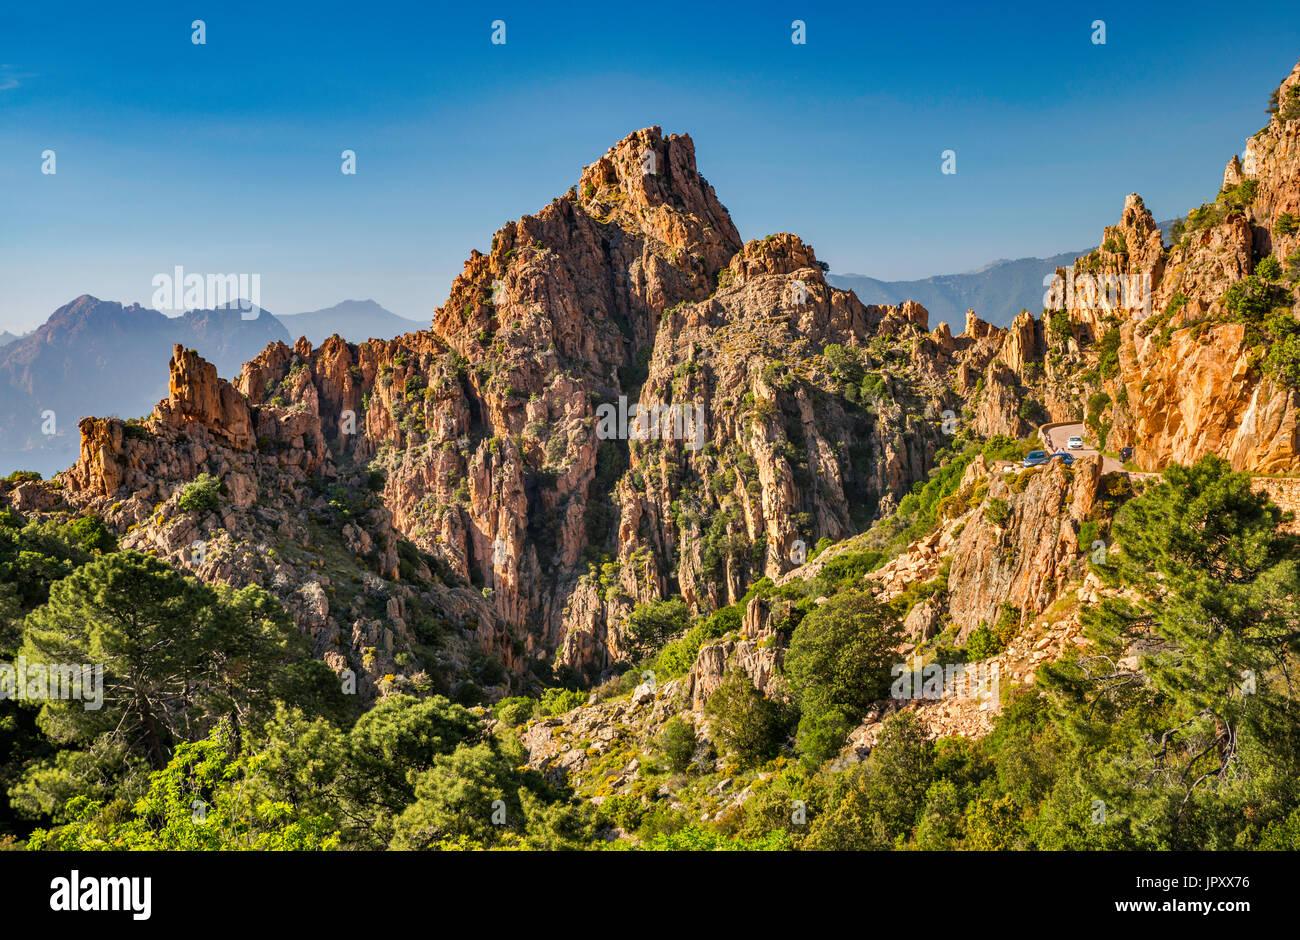 Les roches de granite porphyrique Orange, à les Calanche de Piana, Site du patrimoine mondial de l'UNESCO, Corse-du-Sud, Corse, France Photo Stock